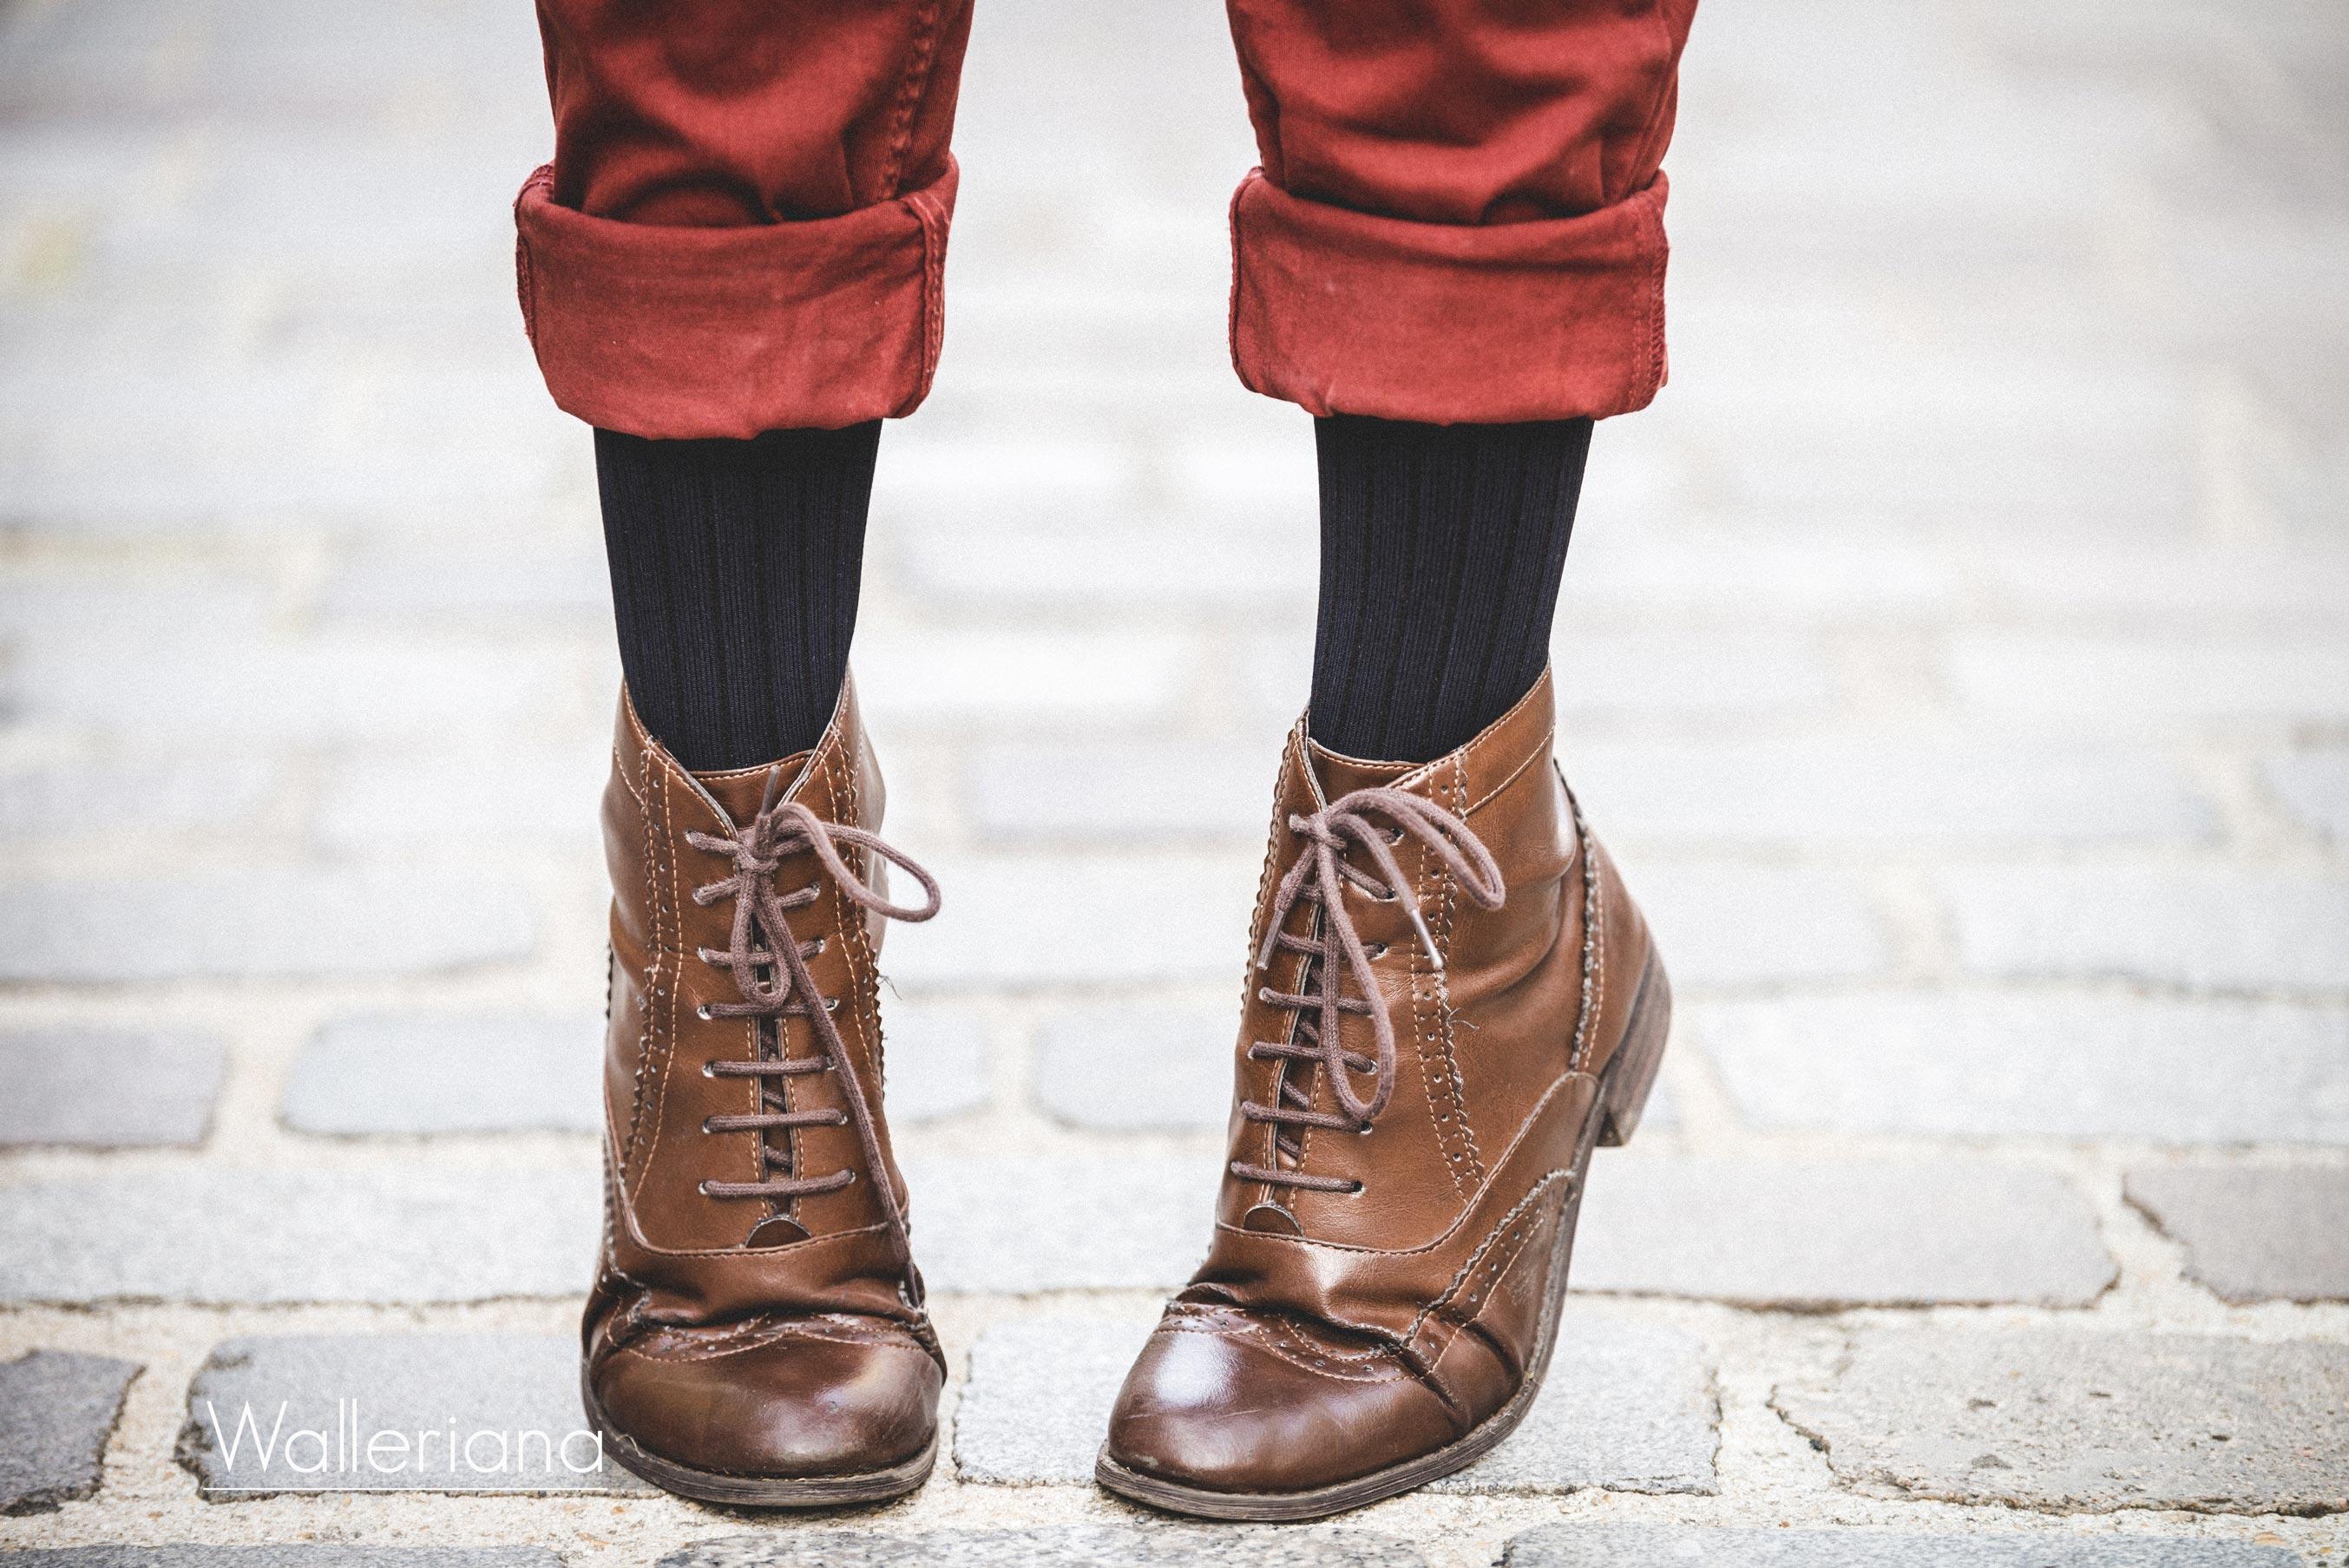 chaussettes de contention seyantes